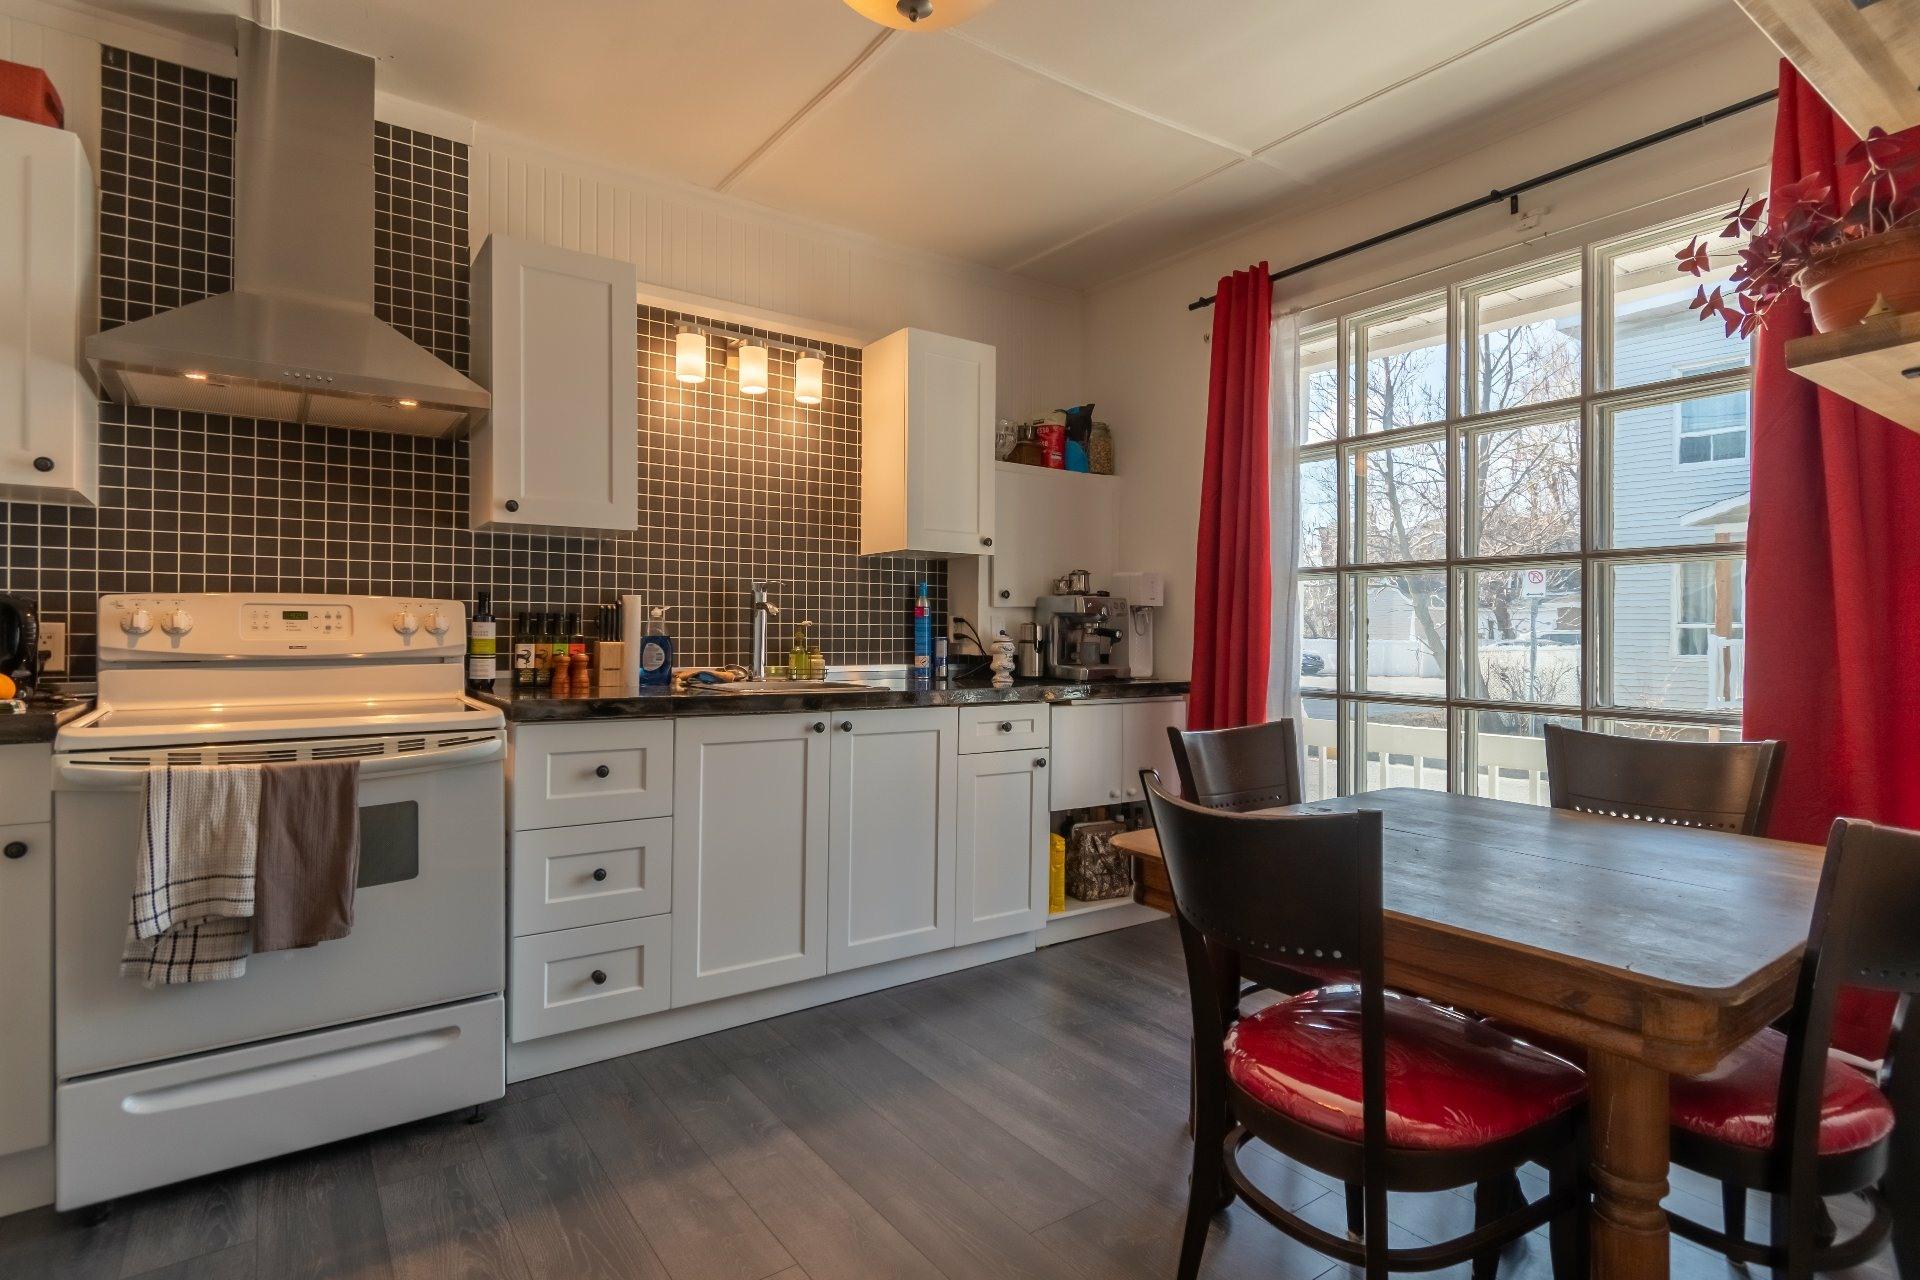 image 3 - Duplex For sale Trois-Rivières - 4 rooms